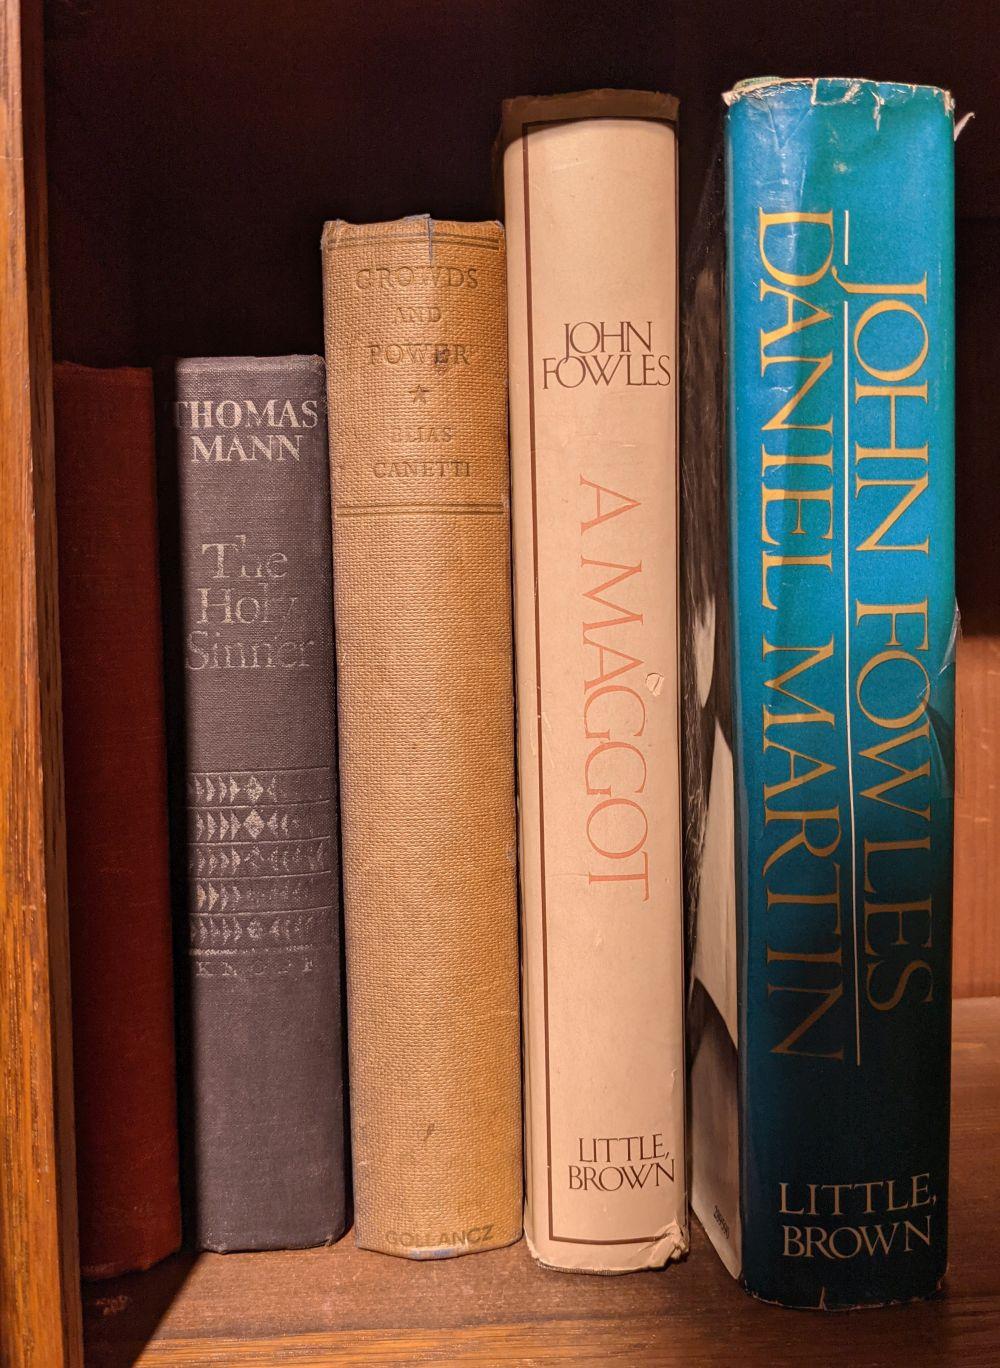 Dostoevsky (Fyodor). Novels, 1915-20 - Image 3 of 6